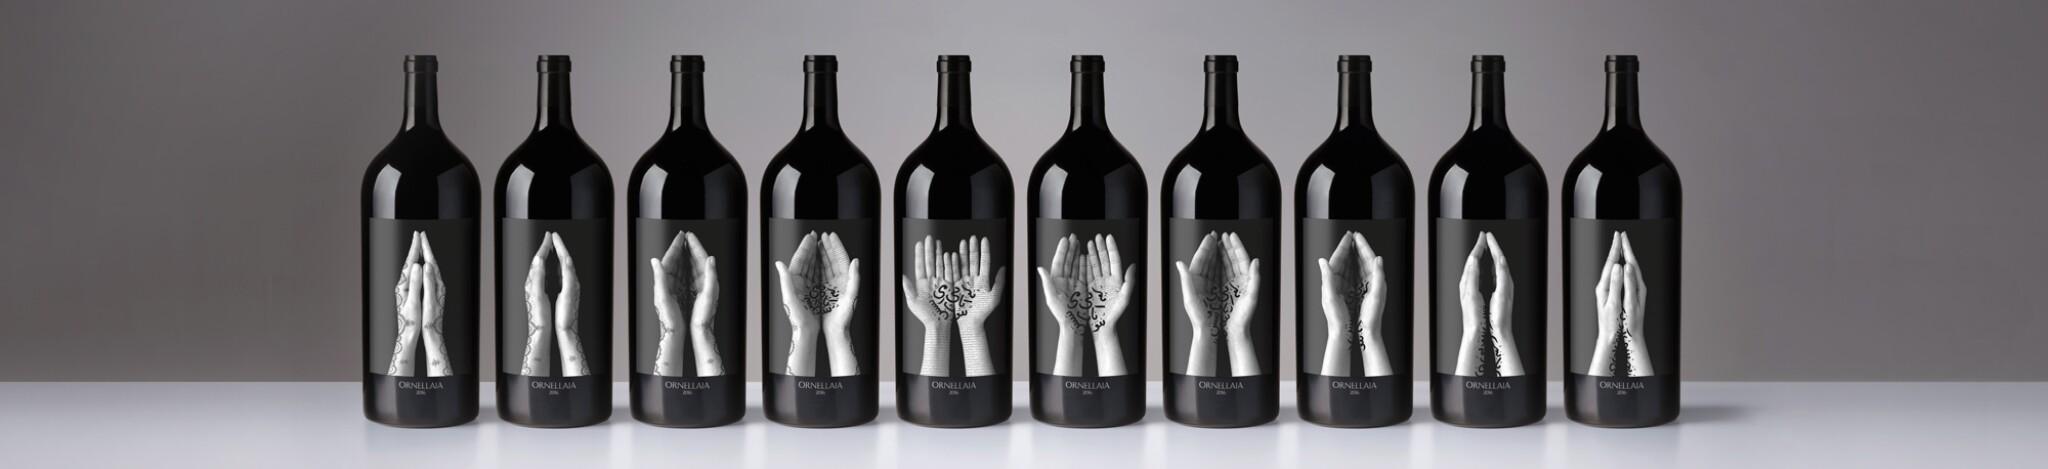 Ornellaia Vendemmia d'Artista 2016 Online | Shirin Neshat